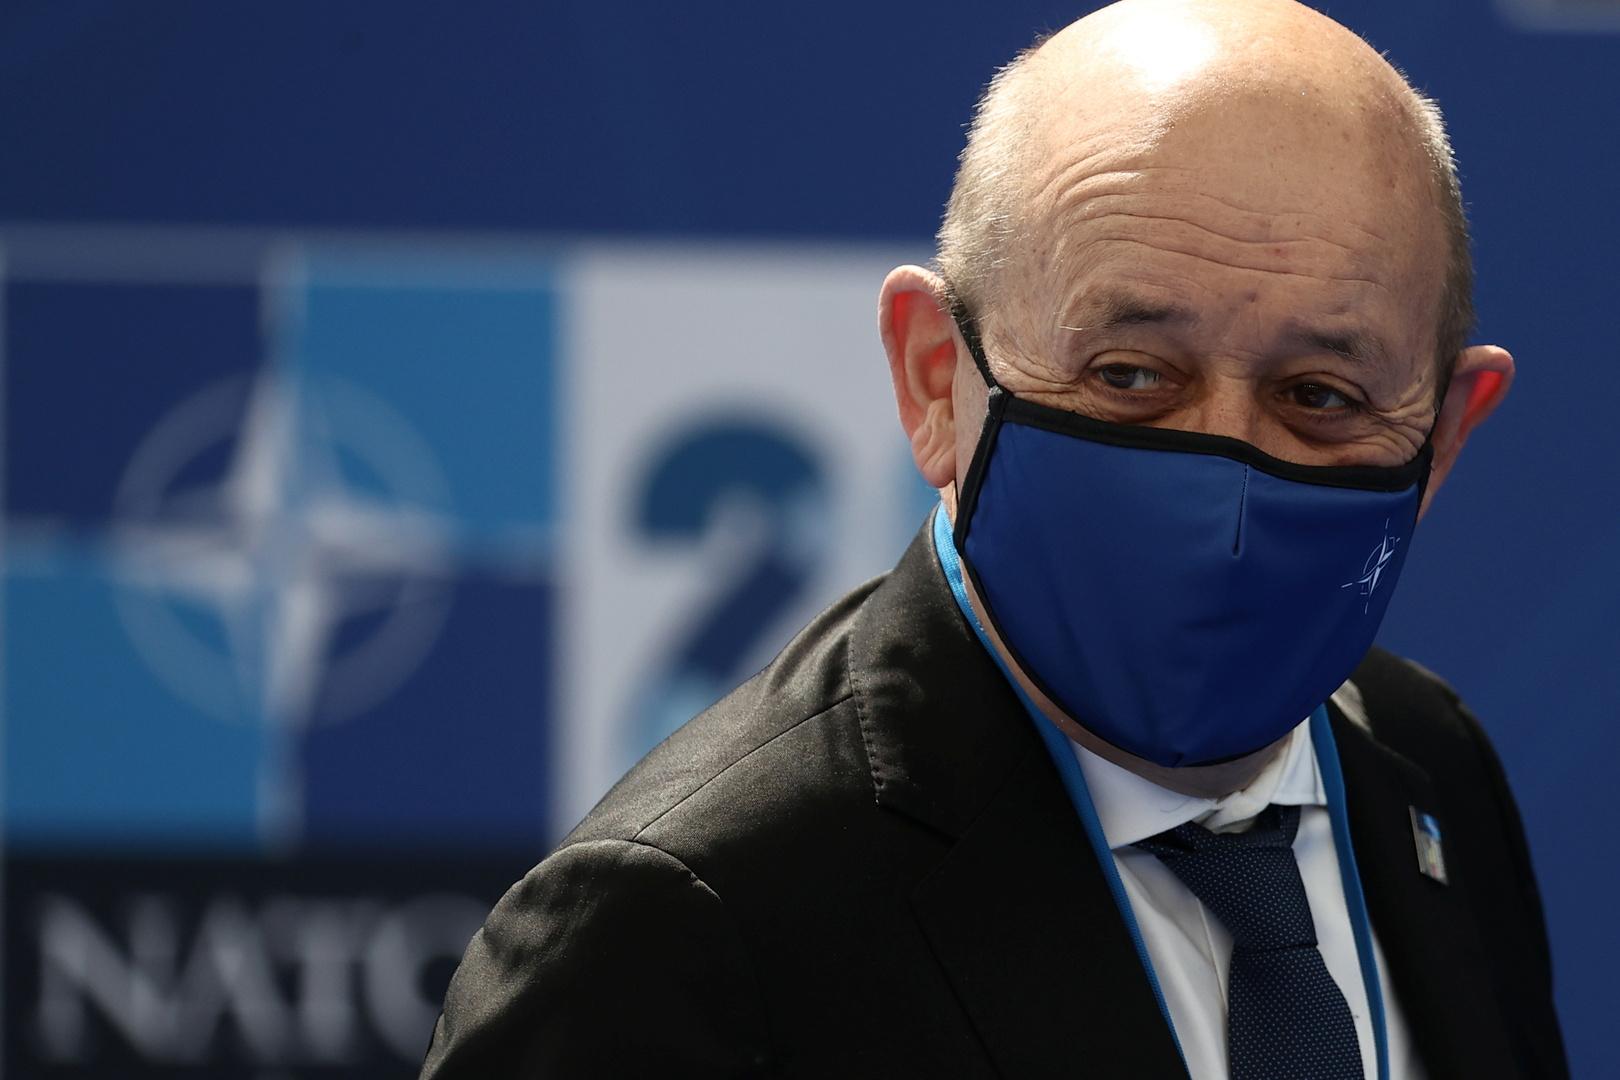 فرنسا: الظروف لم تنضج لانضمام أوكرانيا للناتو